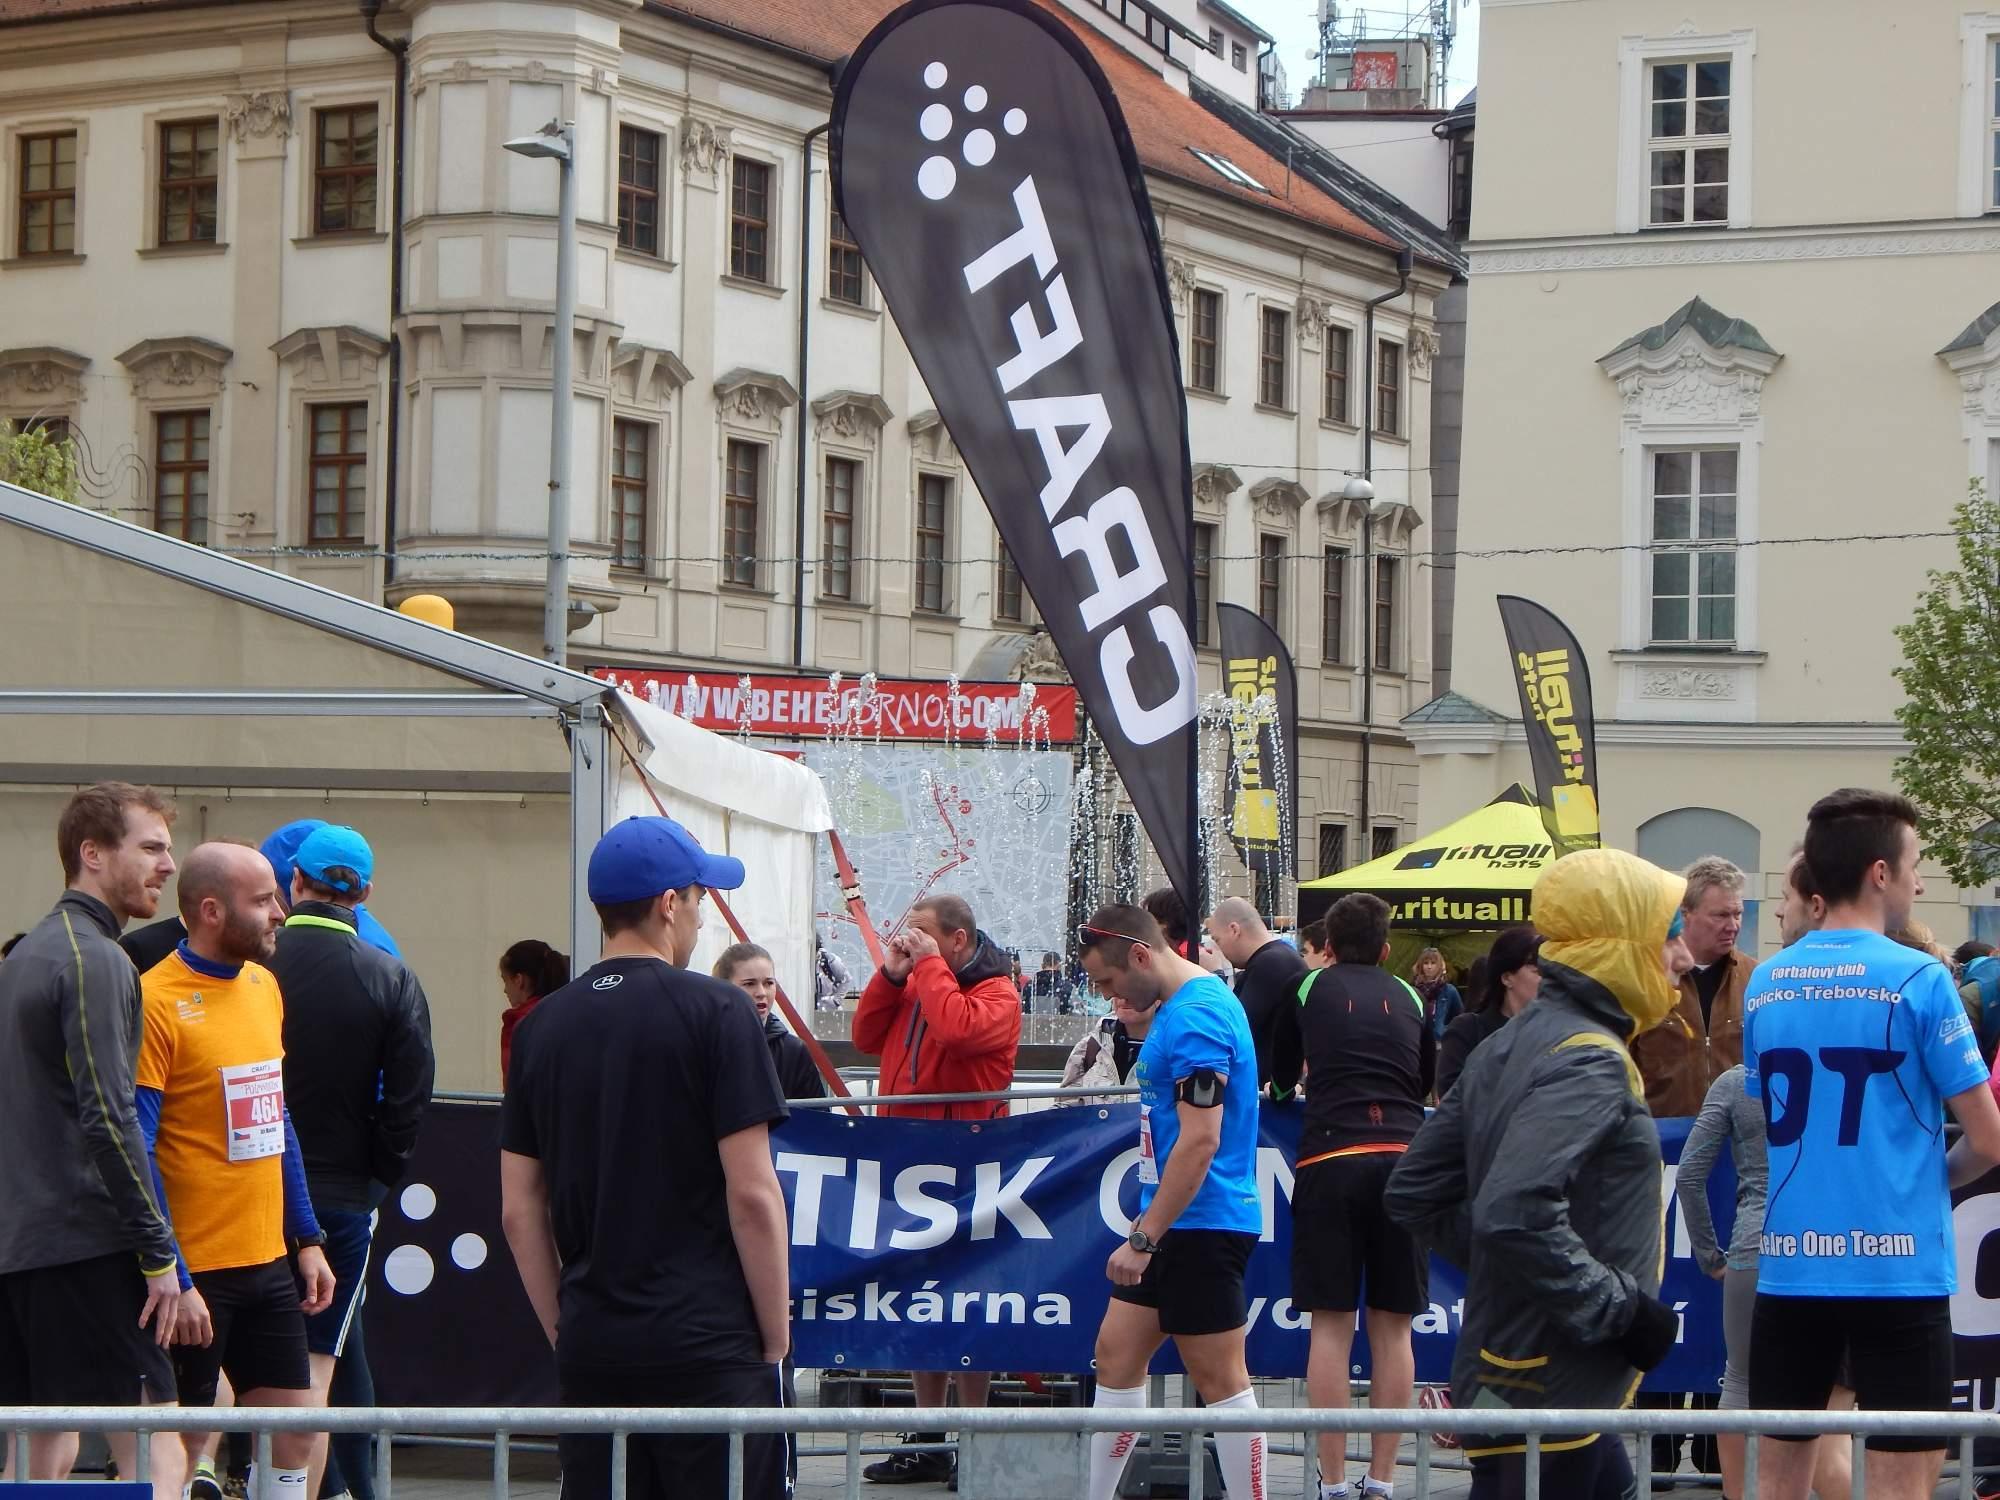 Počasí bylo proměnlivé a sportovci nevěděli, jak se na trať správně obléct Foto: Adam Lukůvka